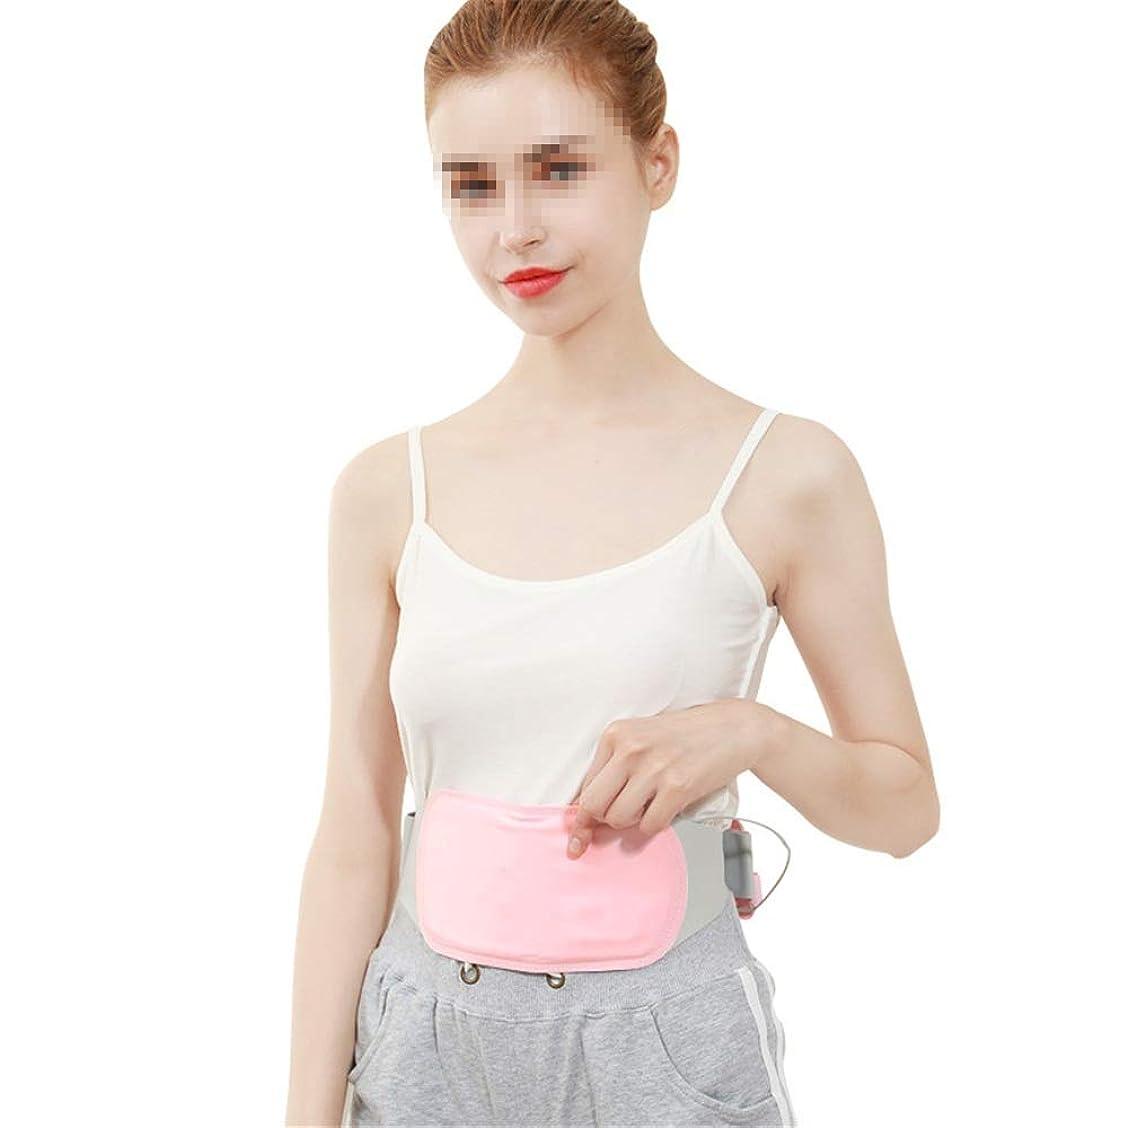 天皇ベーコン対角線ポータブルヒーターパッド用月経痛腰胃の痛みを軽減するウエストベルト4ヒート??セッティングを温めます 腰痛保護バンド (色 : ピンク, サイズ : Free size)